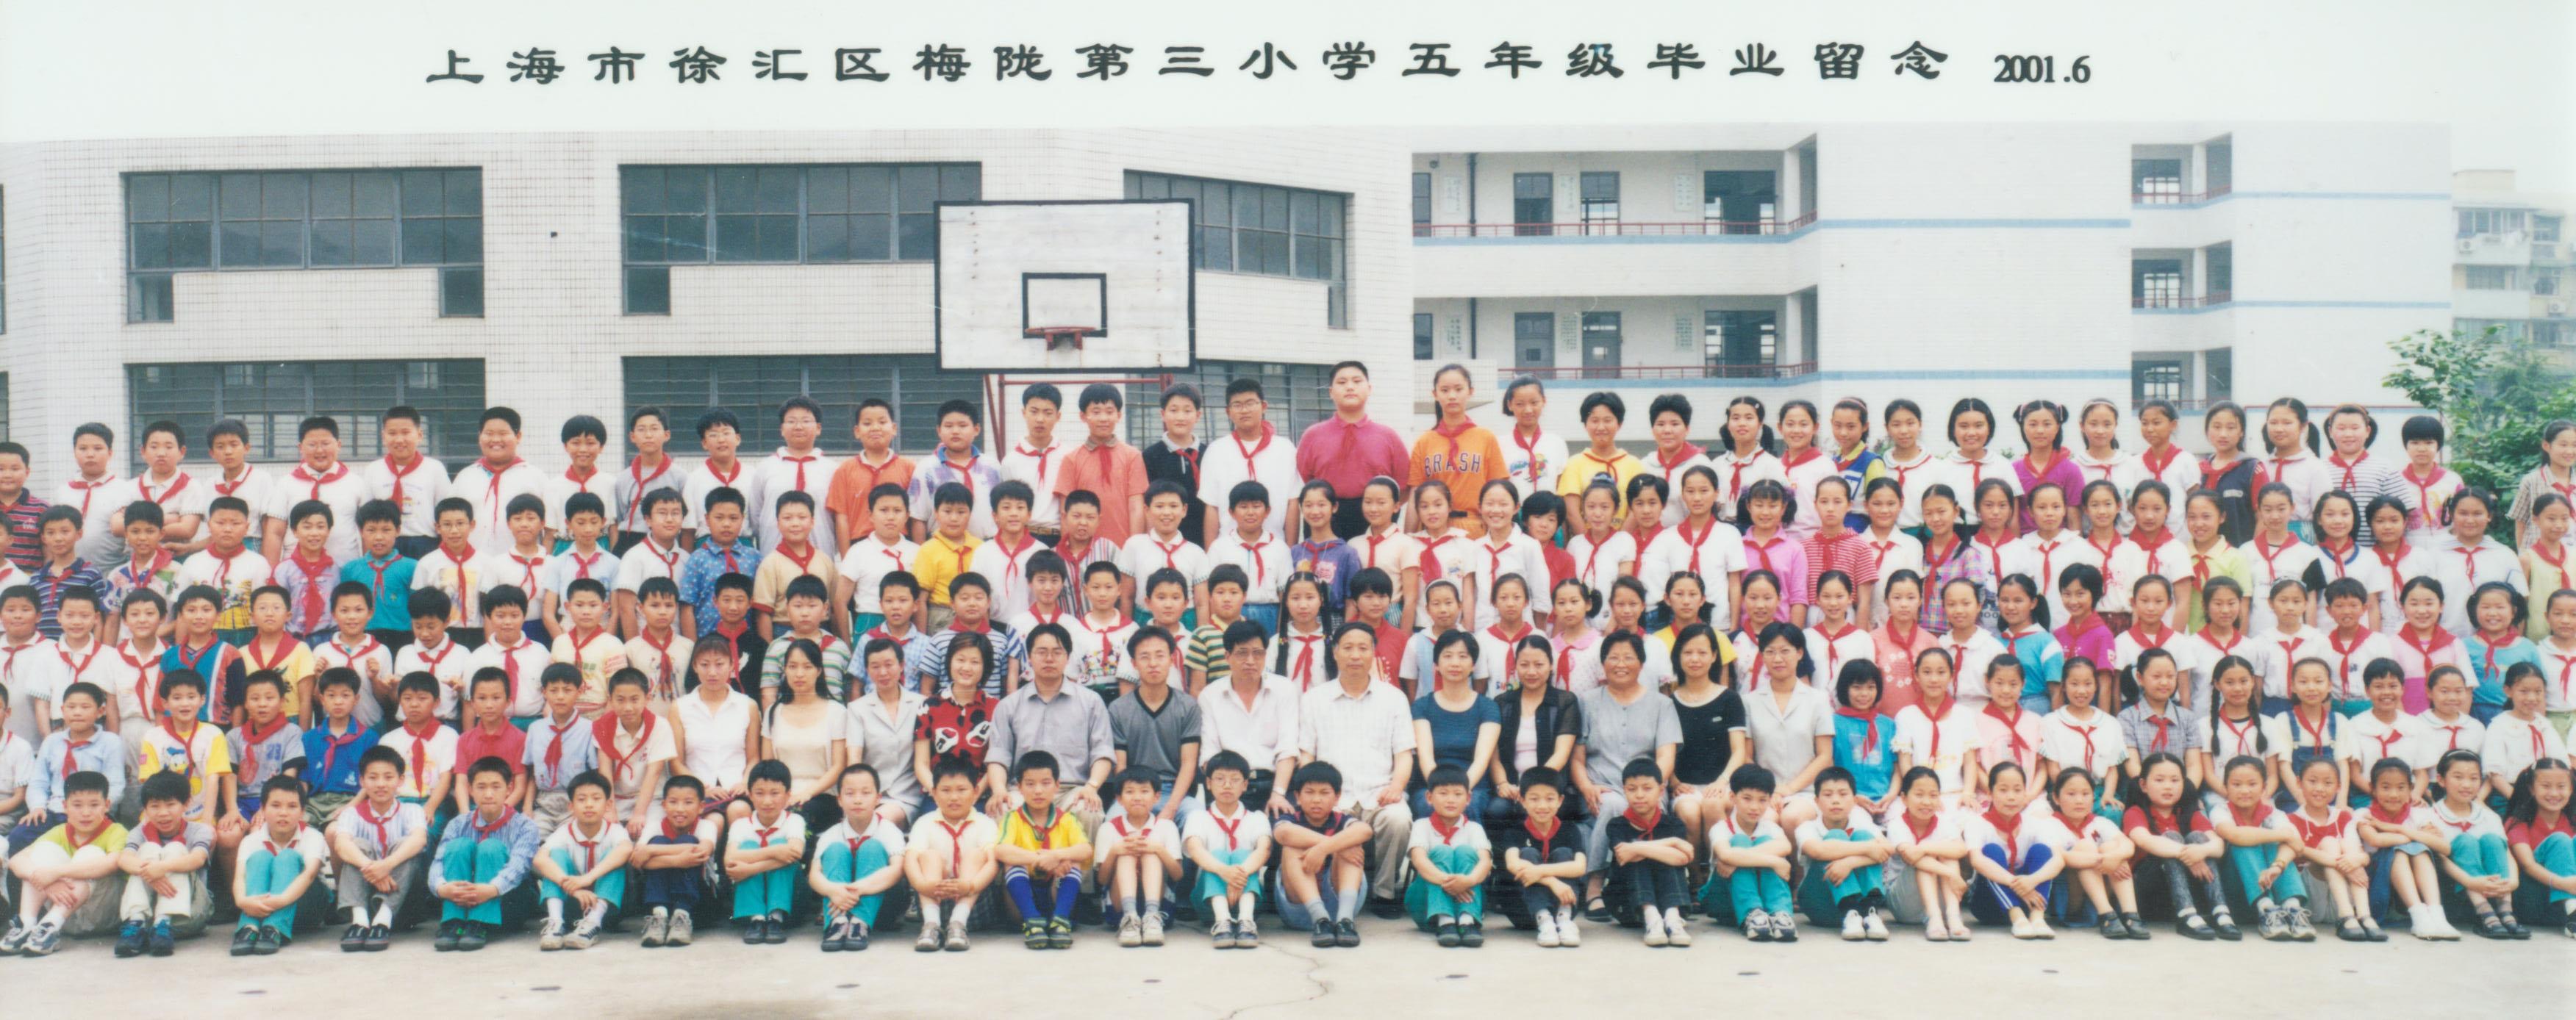 年 2001